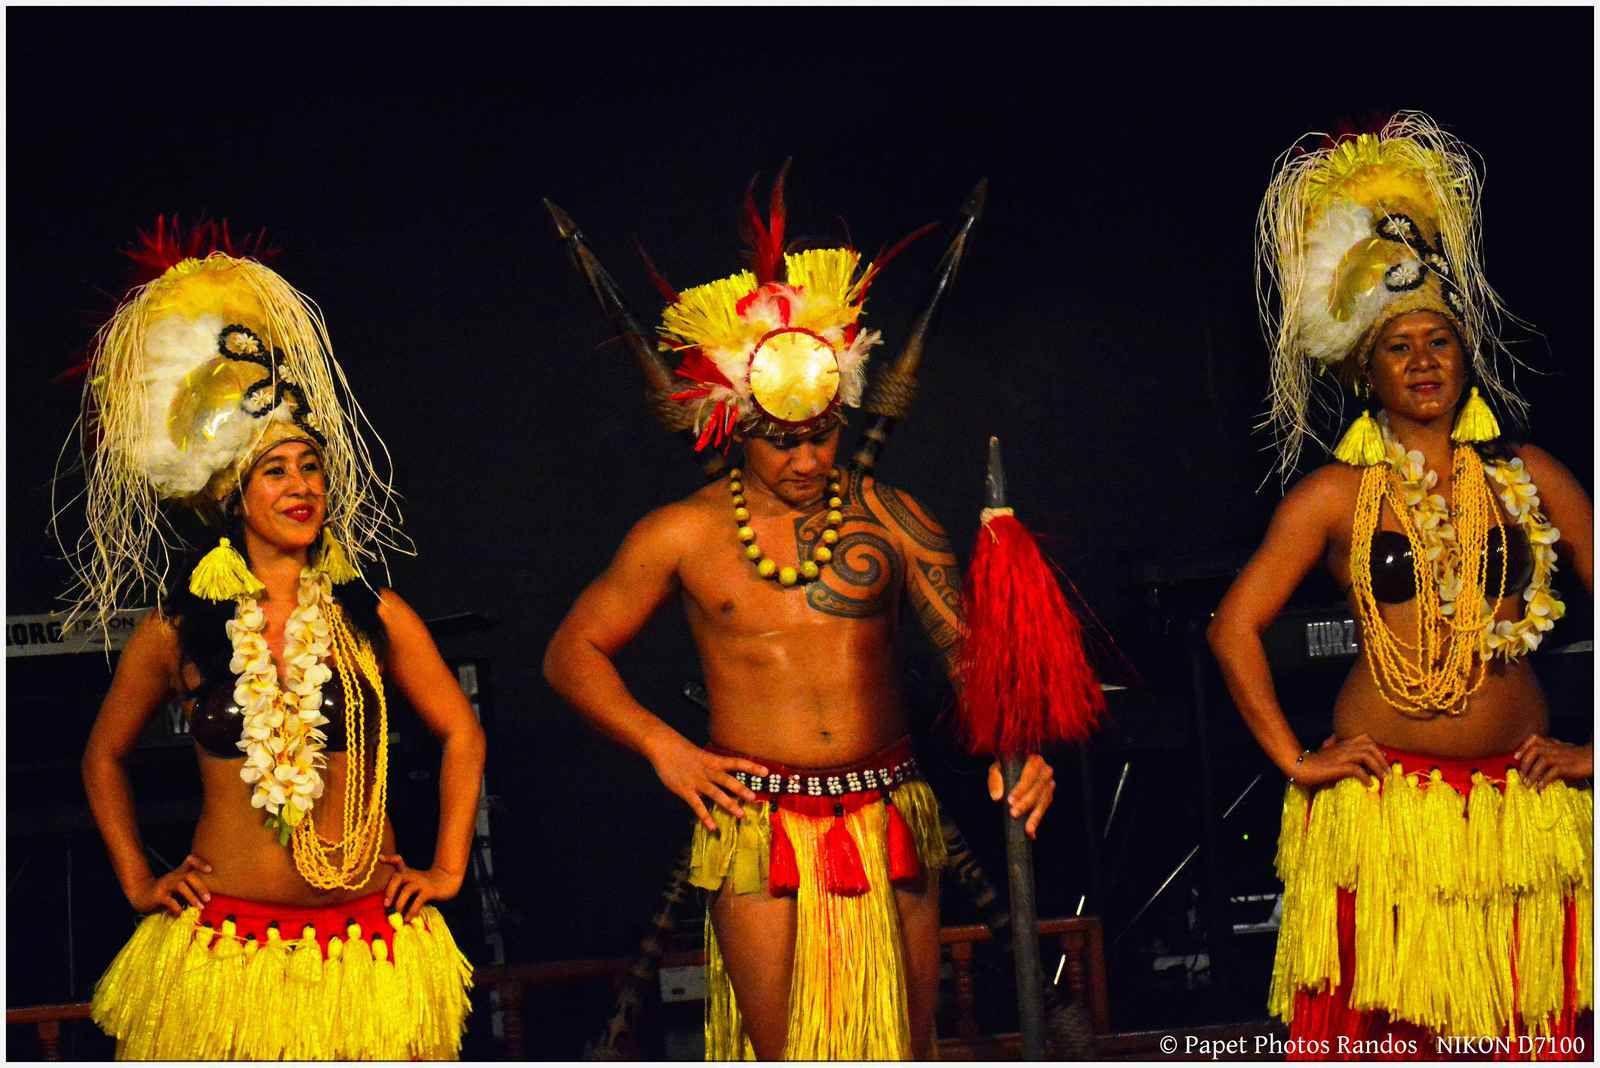 Toujours des danses & spectacles magnifiques